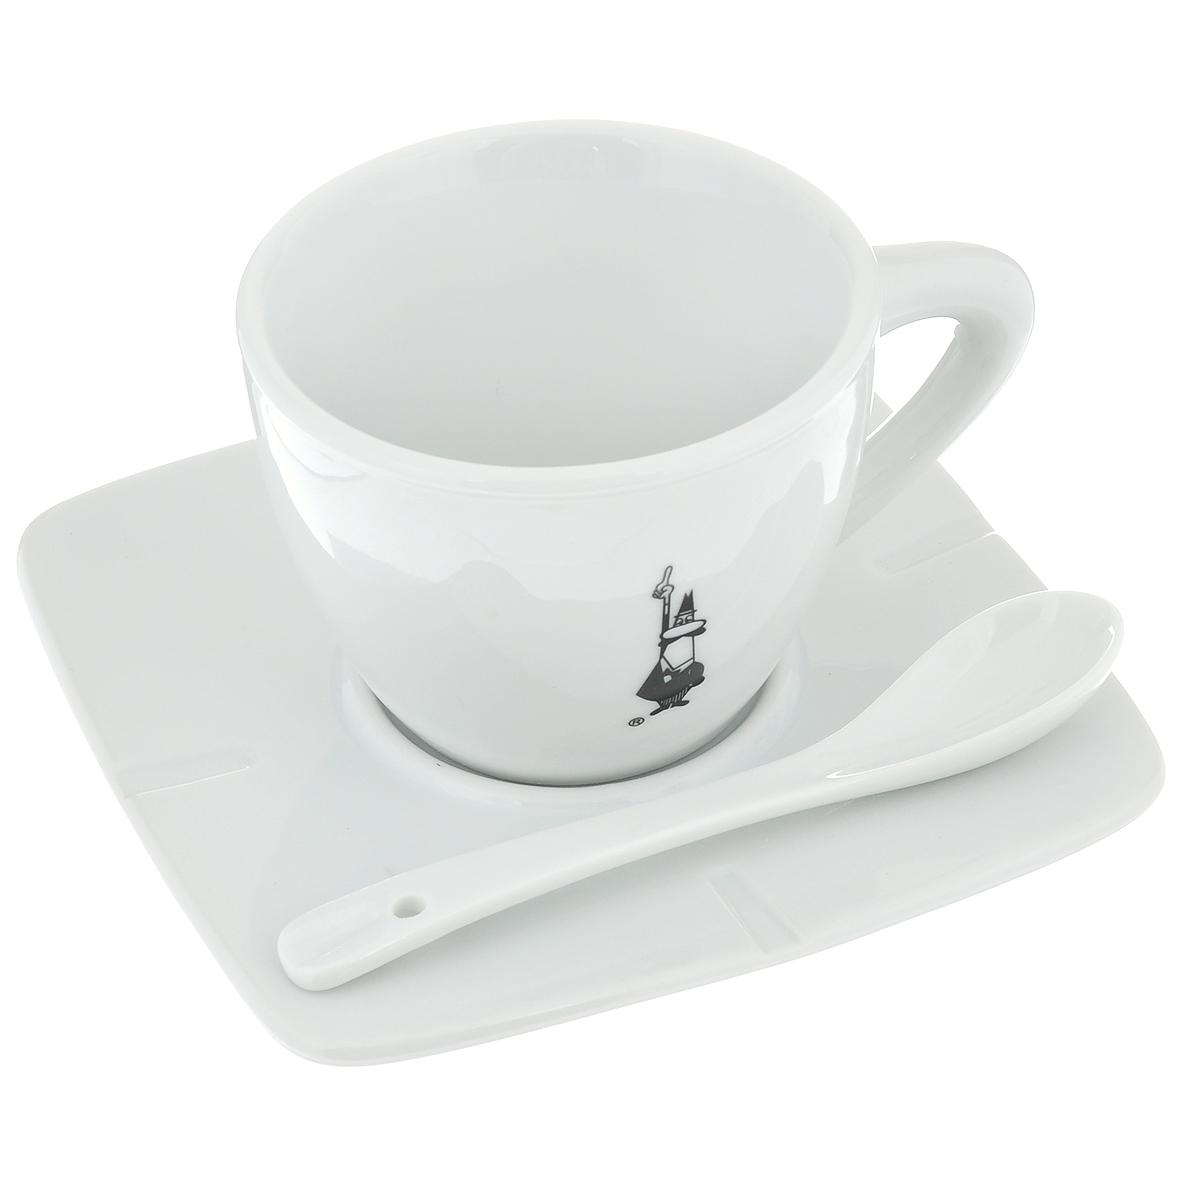 Набор для кофе Bialetti, цвет: белый, черный, 3 предмета. 98920030115510Набор для кофе Bialetti состоит из чашки, блюдца и ложки, изготовленных из фарфора. Набор оригинального дизайна станет изысканным и желанным подарком любителю настоящего кофе. Можно мыть в посудомоечной машине.Объем чашки: 160 мл. Высота чашки: 6,5 см. Диаметр чашки: 8 см. Размер блюдца: 13 см х 13 см. Длина ложки: 12 см. Размер рабочей части ложки: 3,5 см х 2,3 см.